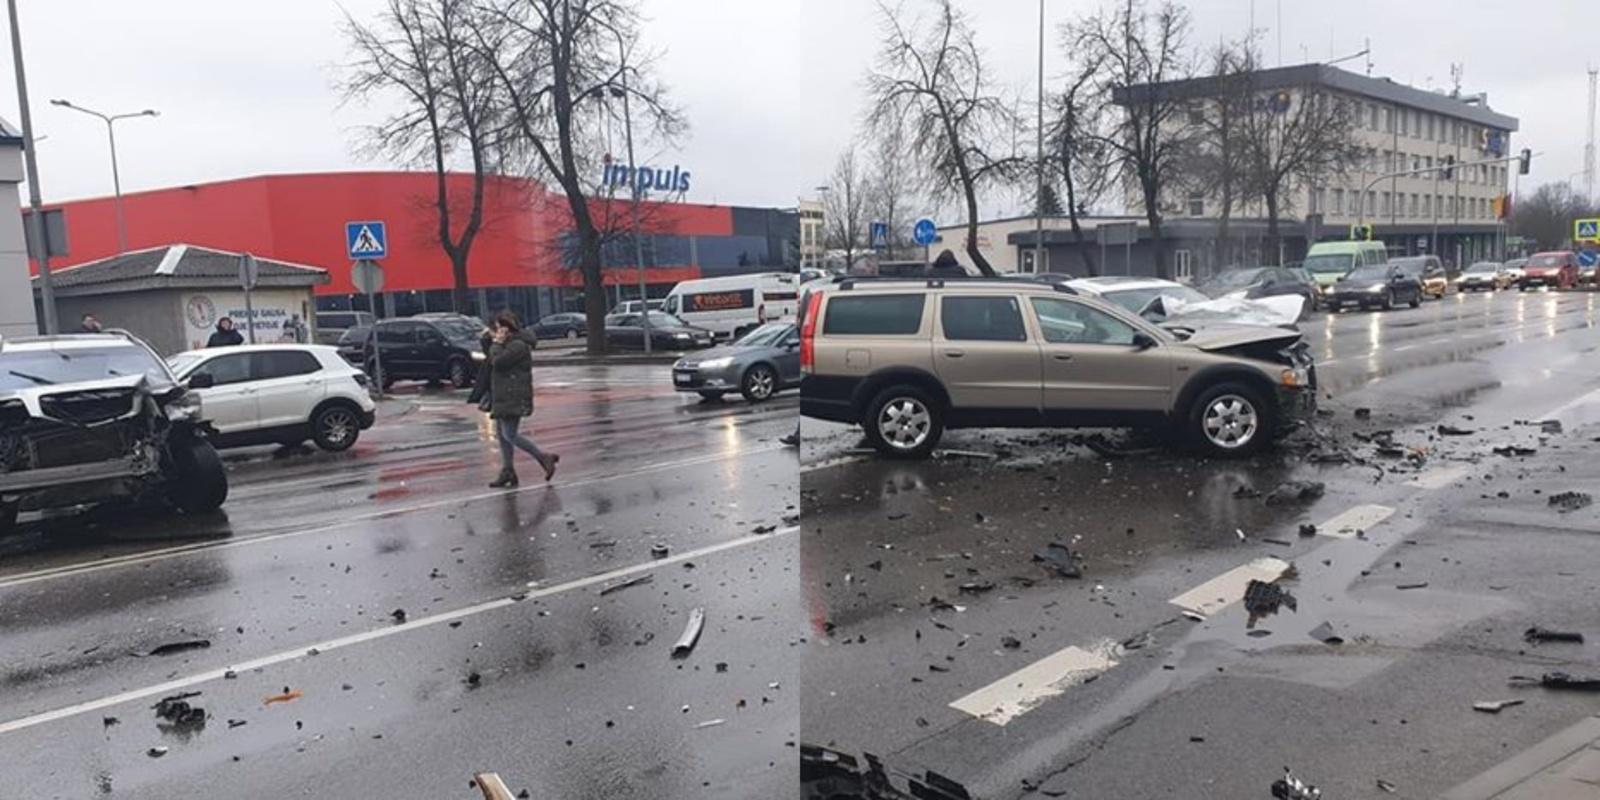 Tilžės gatvėje susidūrė trys autombiliai (papildyta vaizdo įrašu)